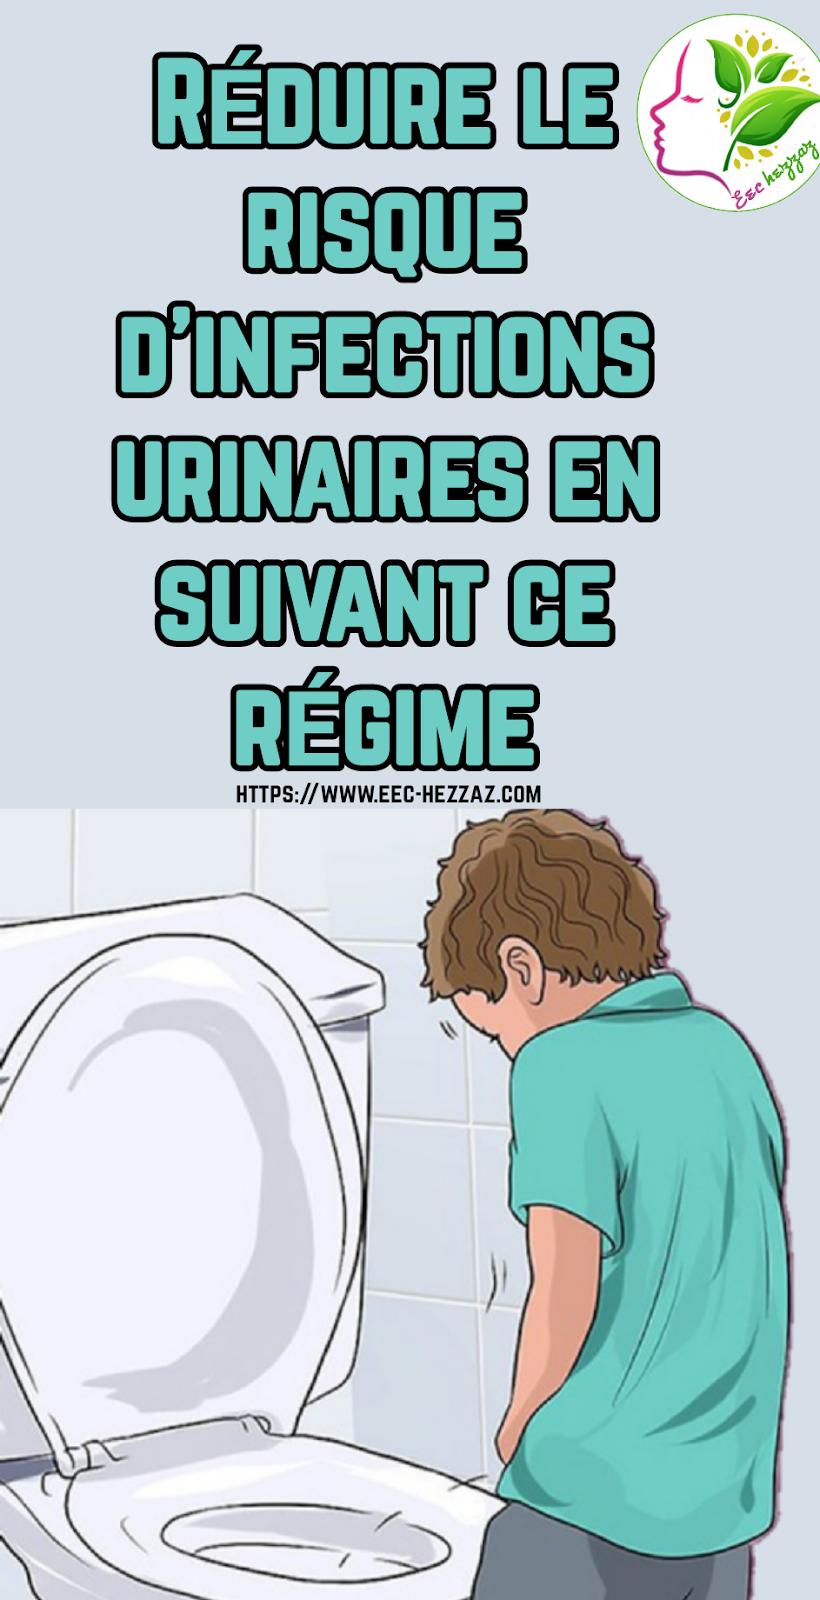 Réduire le risque d'infections urinaires en suivant ce régime